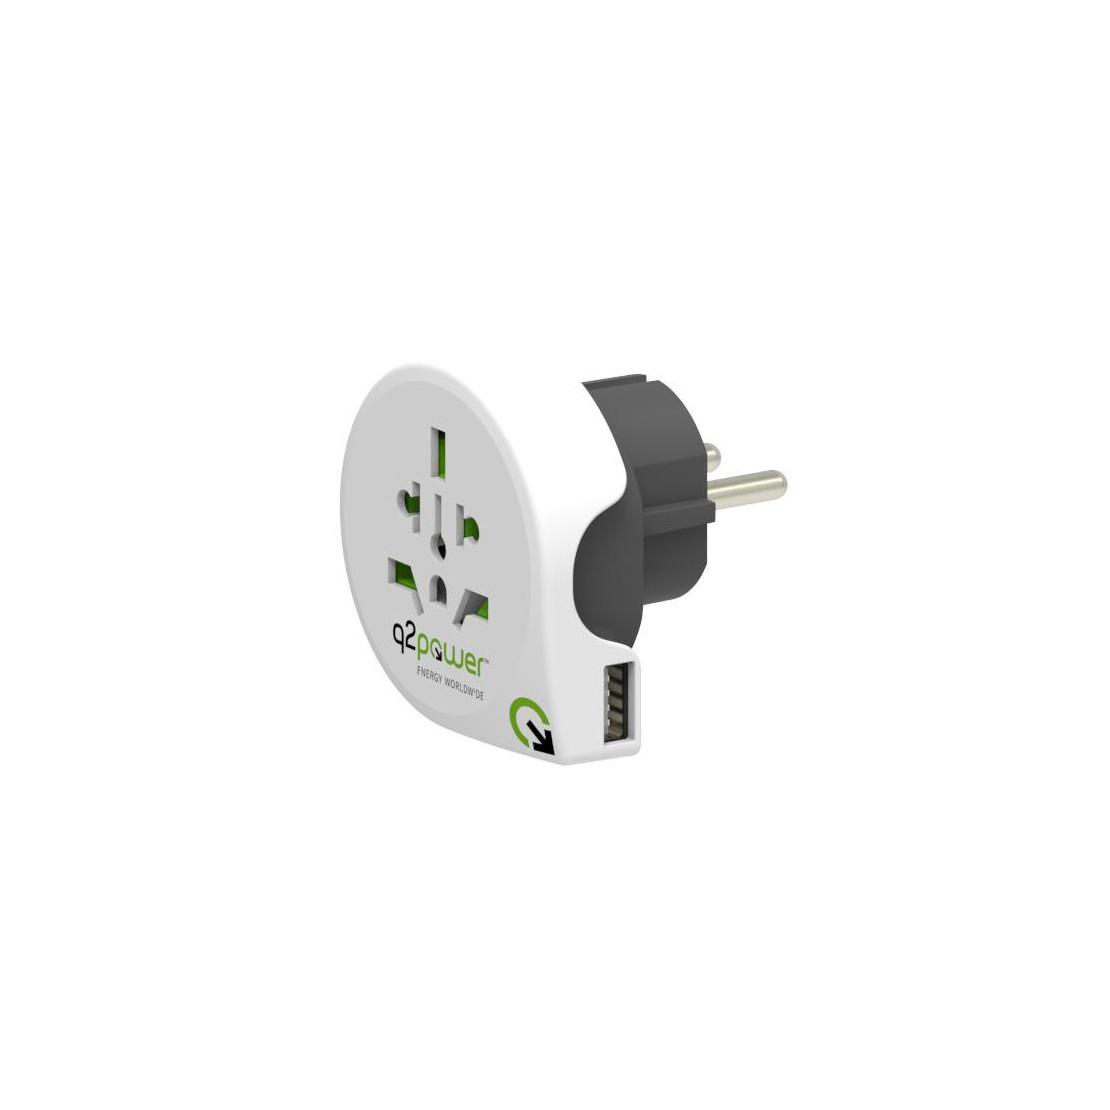 Adaptador de viaje q2powerWorld to Europe USB